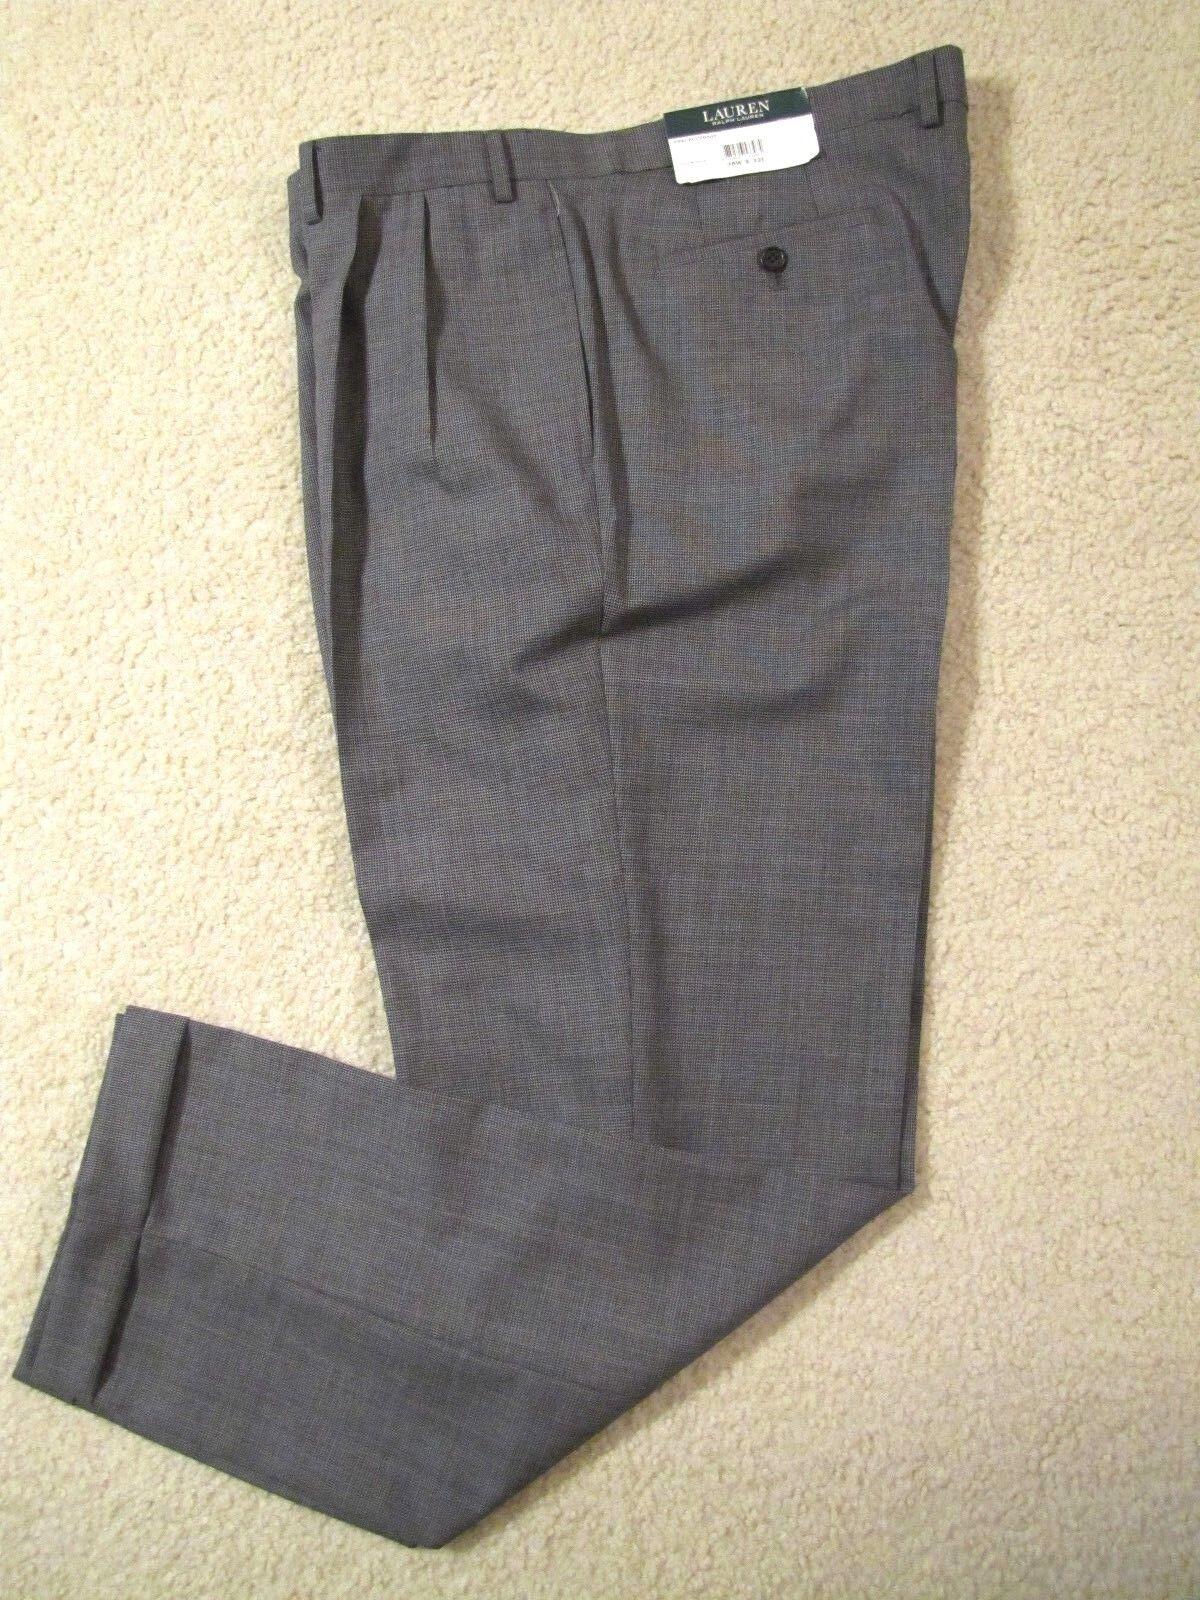 LAUREN RALPH LAUREN LINED 100% LW WOOL DRESS PANTS- MADE IN INDIA - 38 X 32